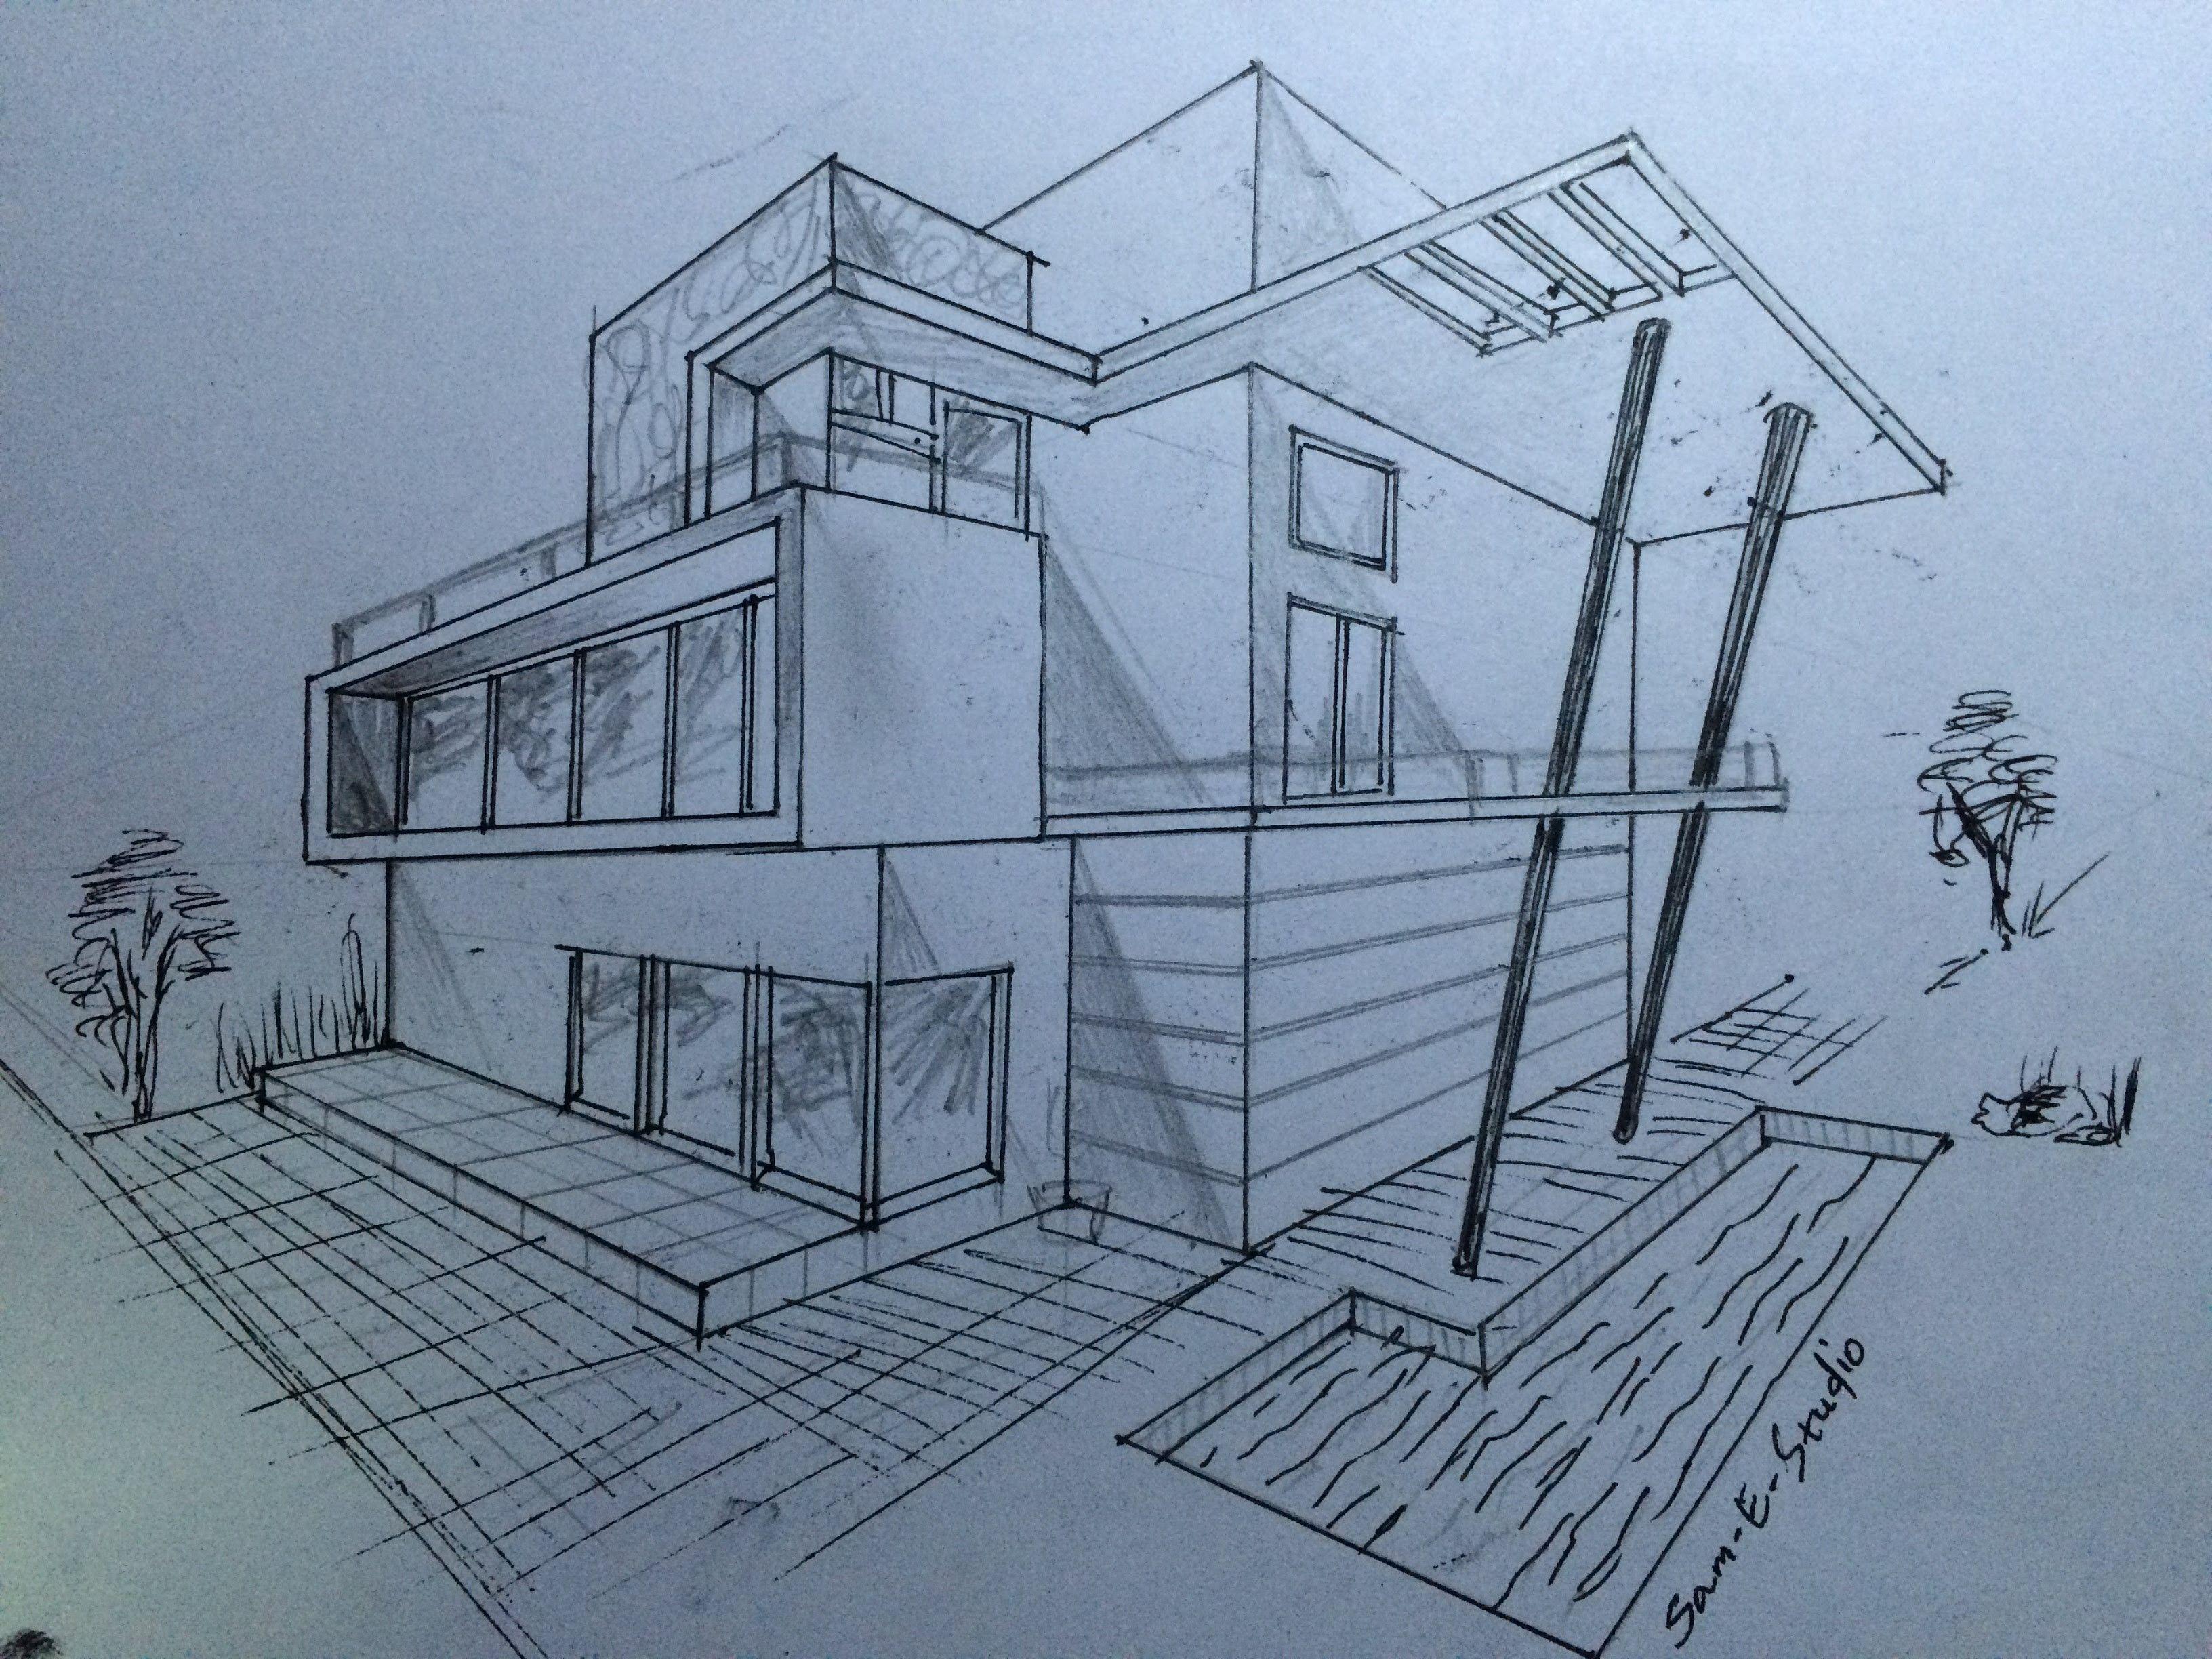 High Quality Dessins De Maisons En Perspective Superbe Portrait Architecture Modern  House Design 2 Point Perspective View